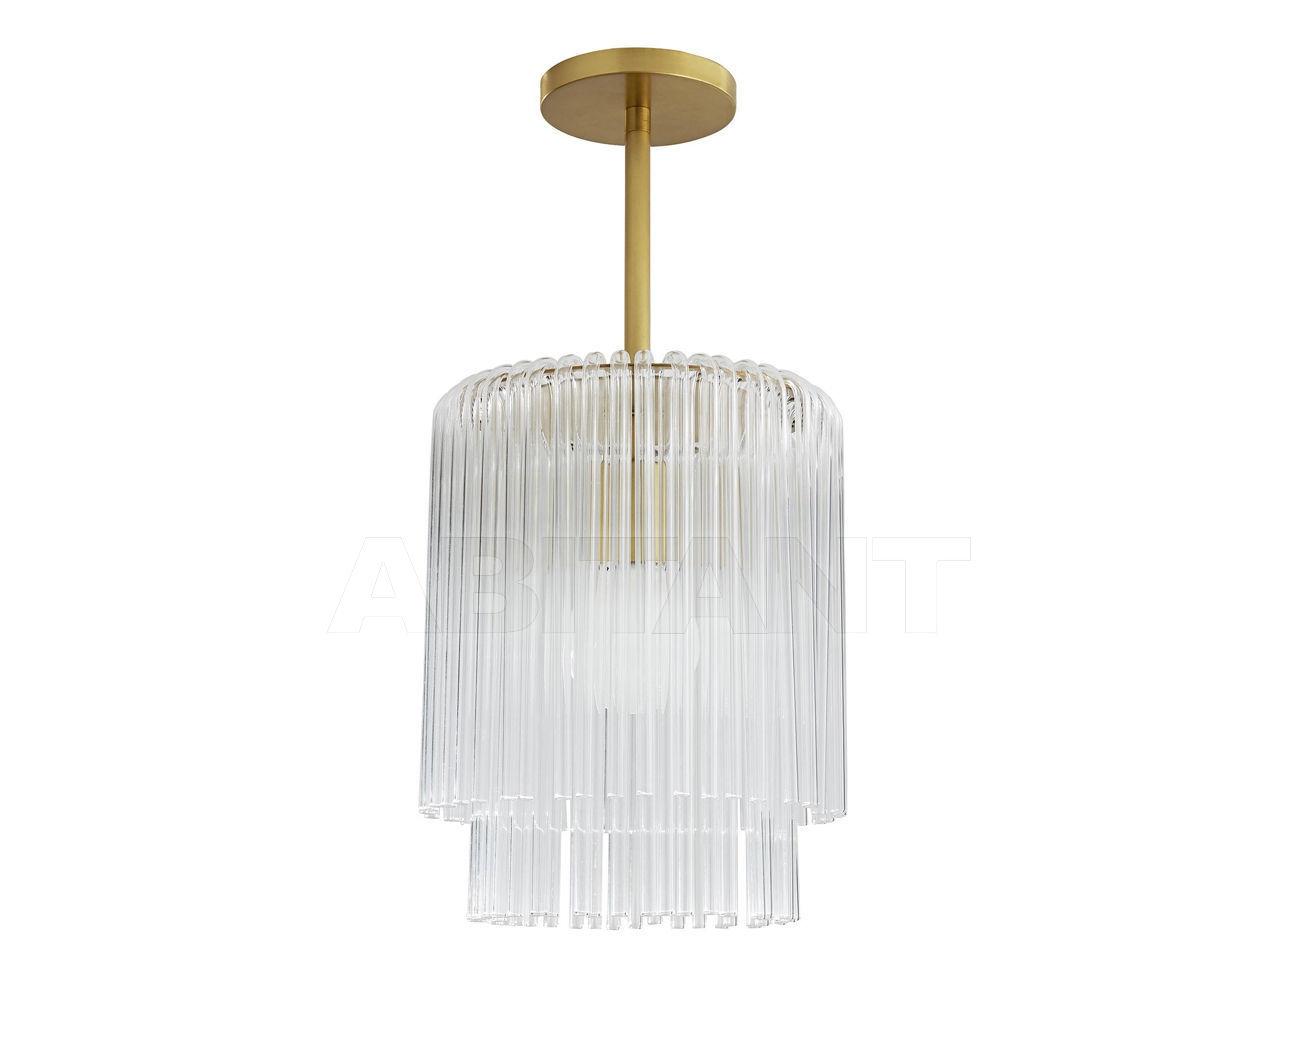 Купить Светильник Royalton  Arteriors Home  LIGHTING 49918